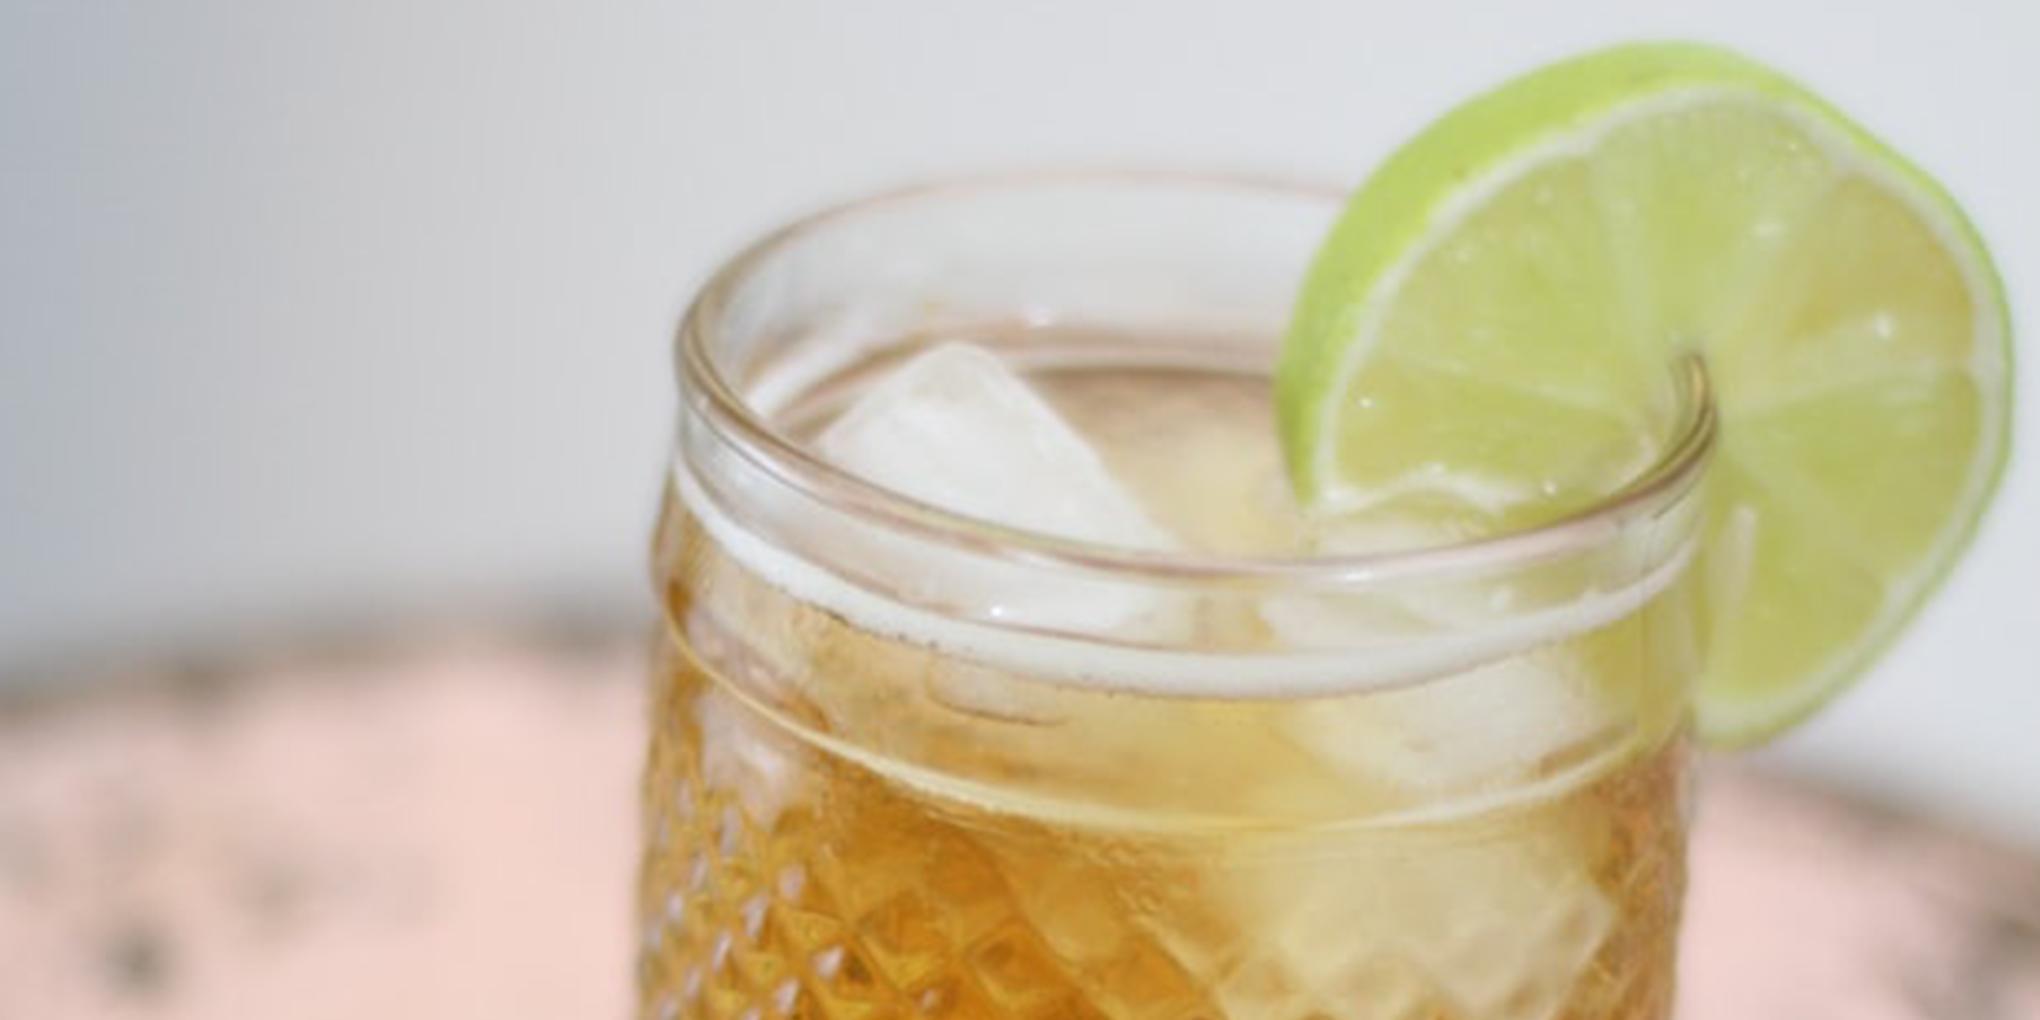 Cocktail avec eau gazeuse, jus pommes-poires et citron